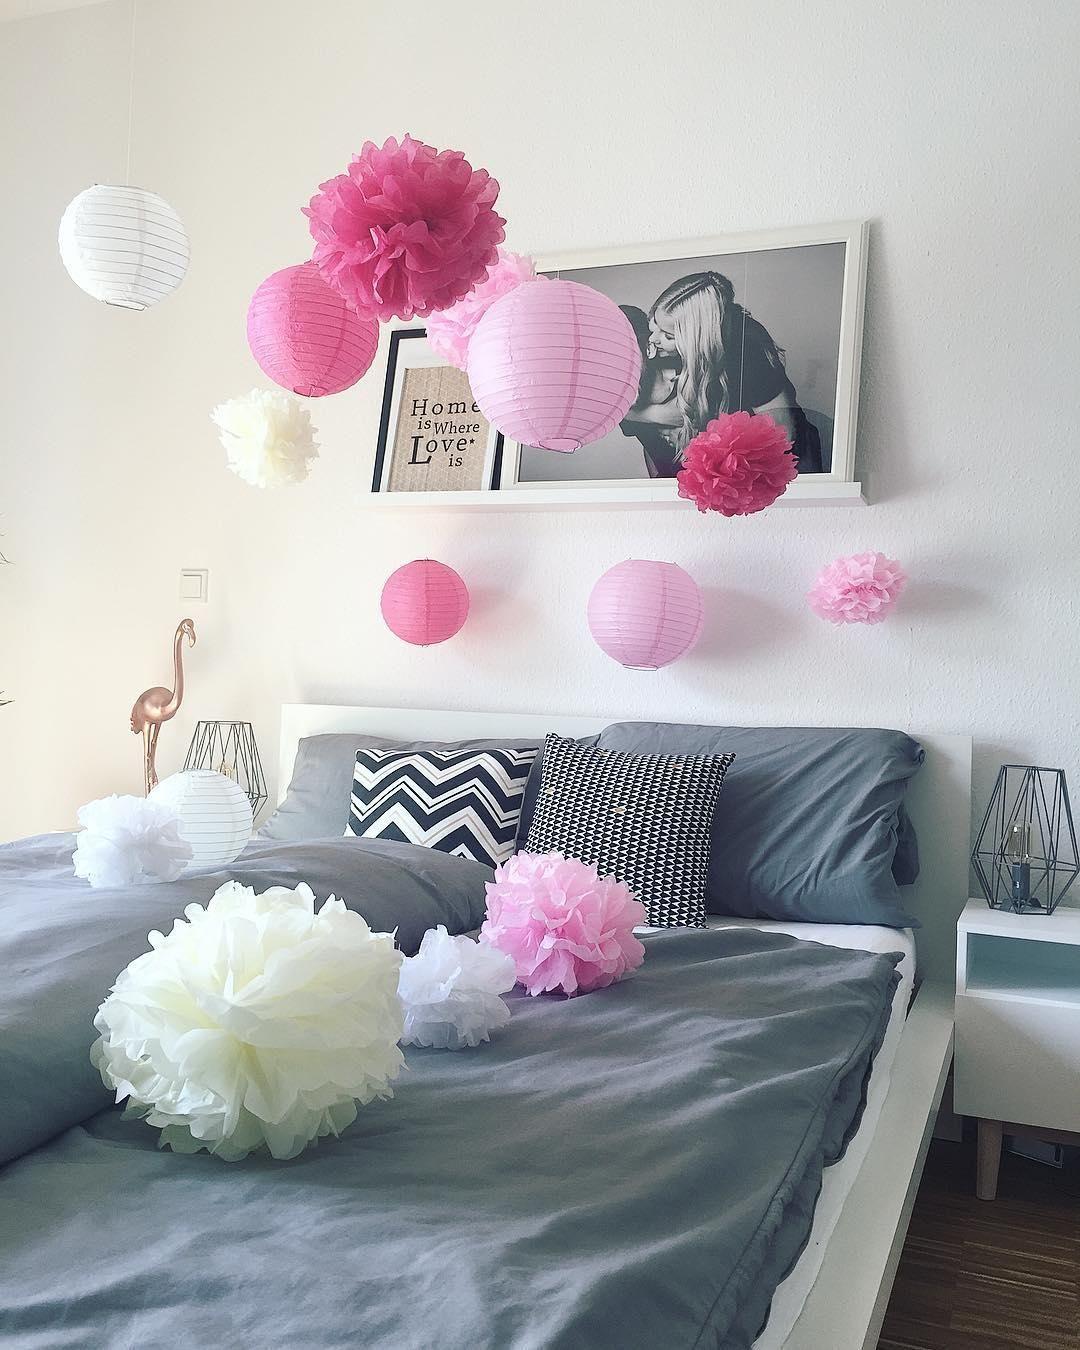 Deko Pompoms auch im schlafzimmer darf dekoration nicht fehlen verspielte deko